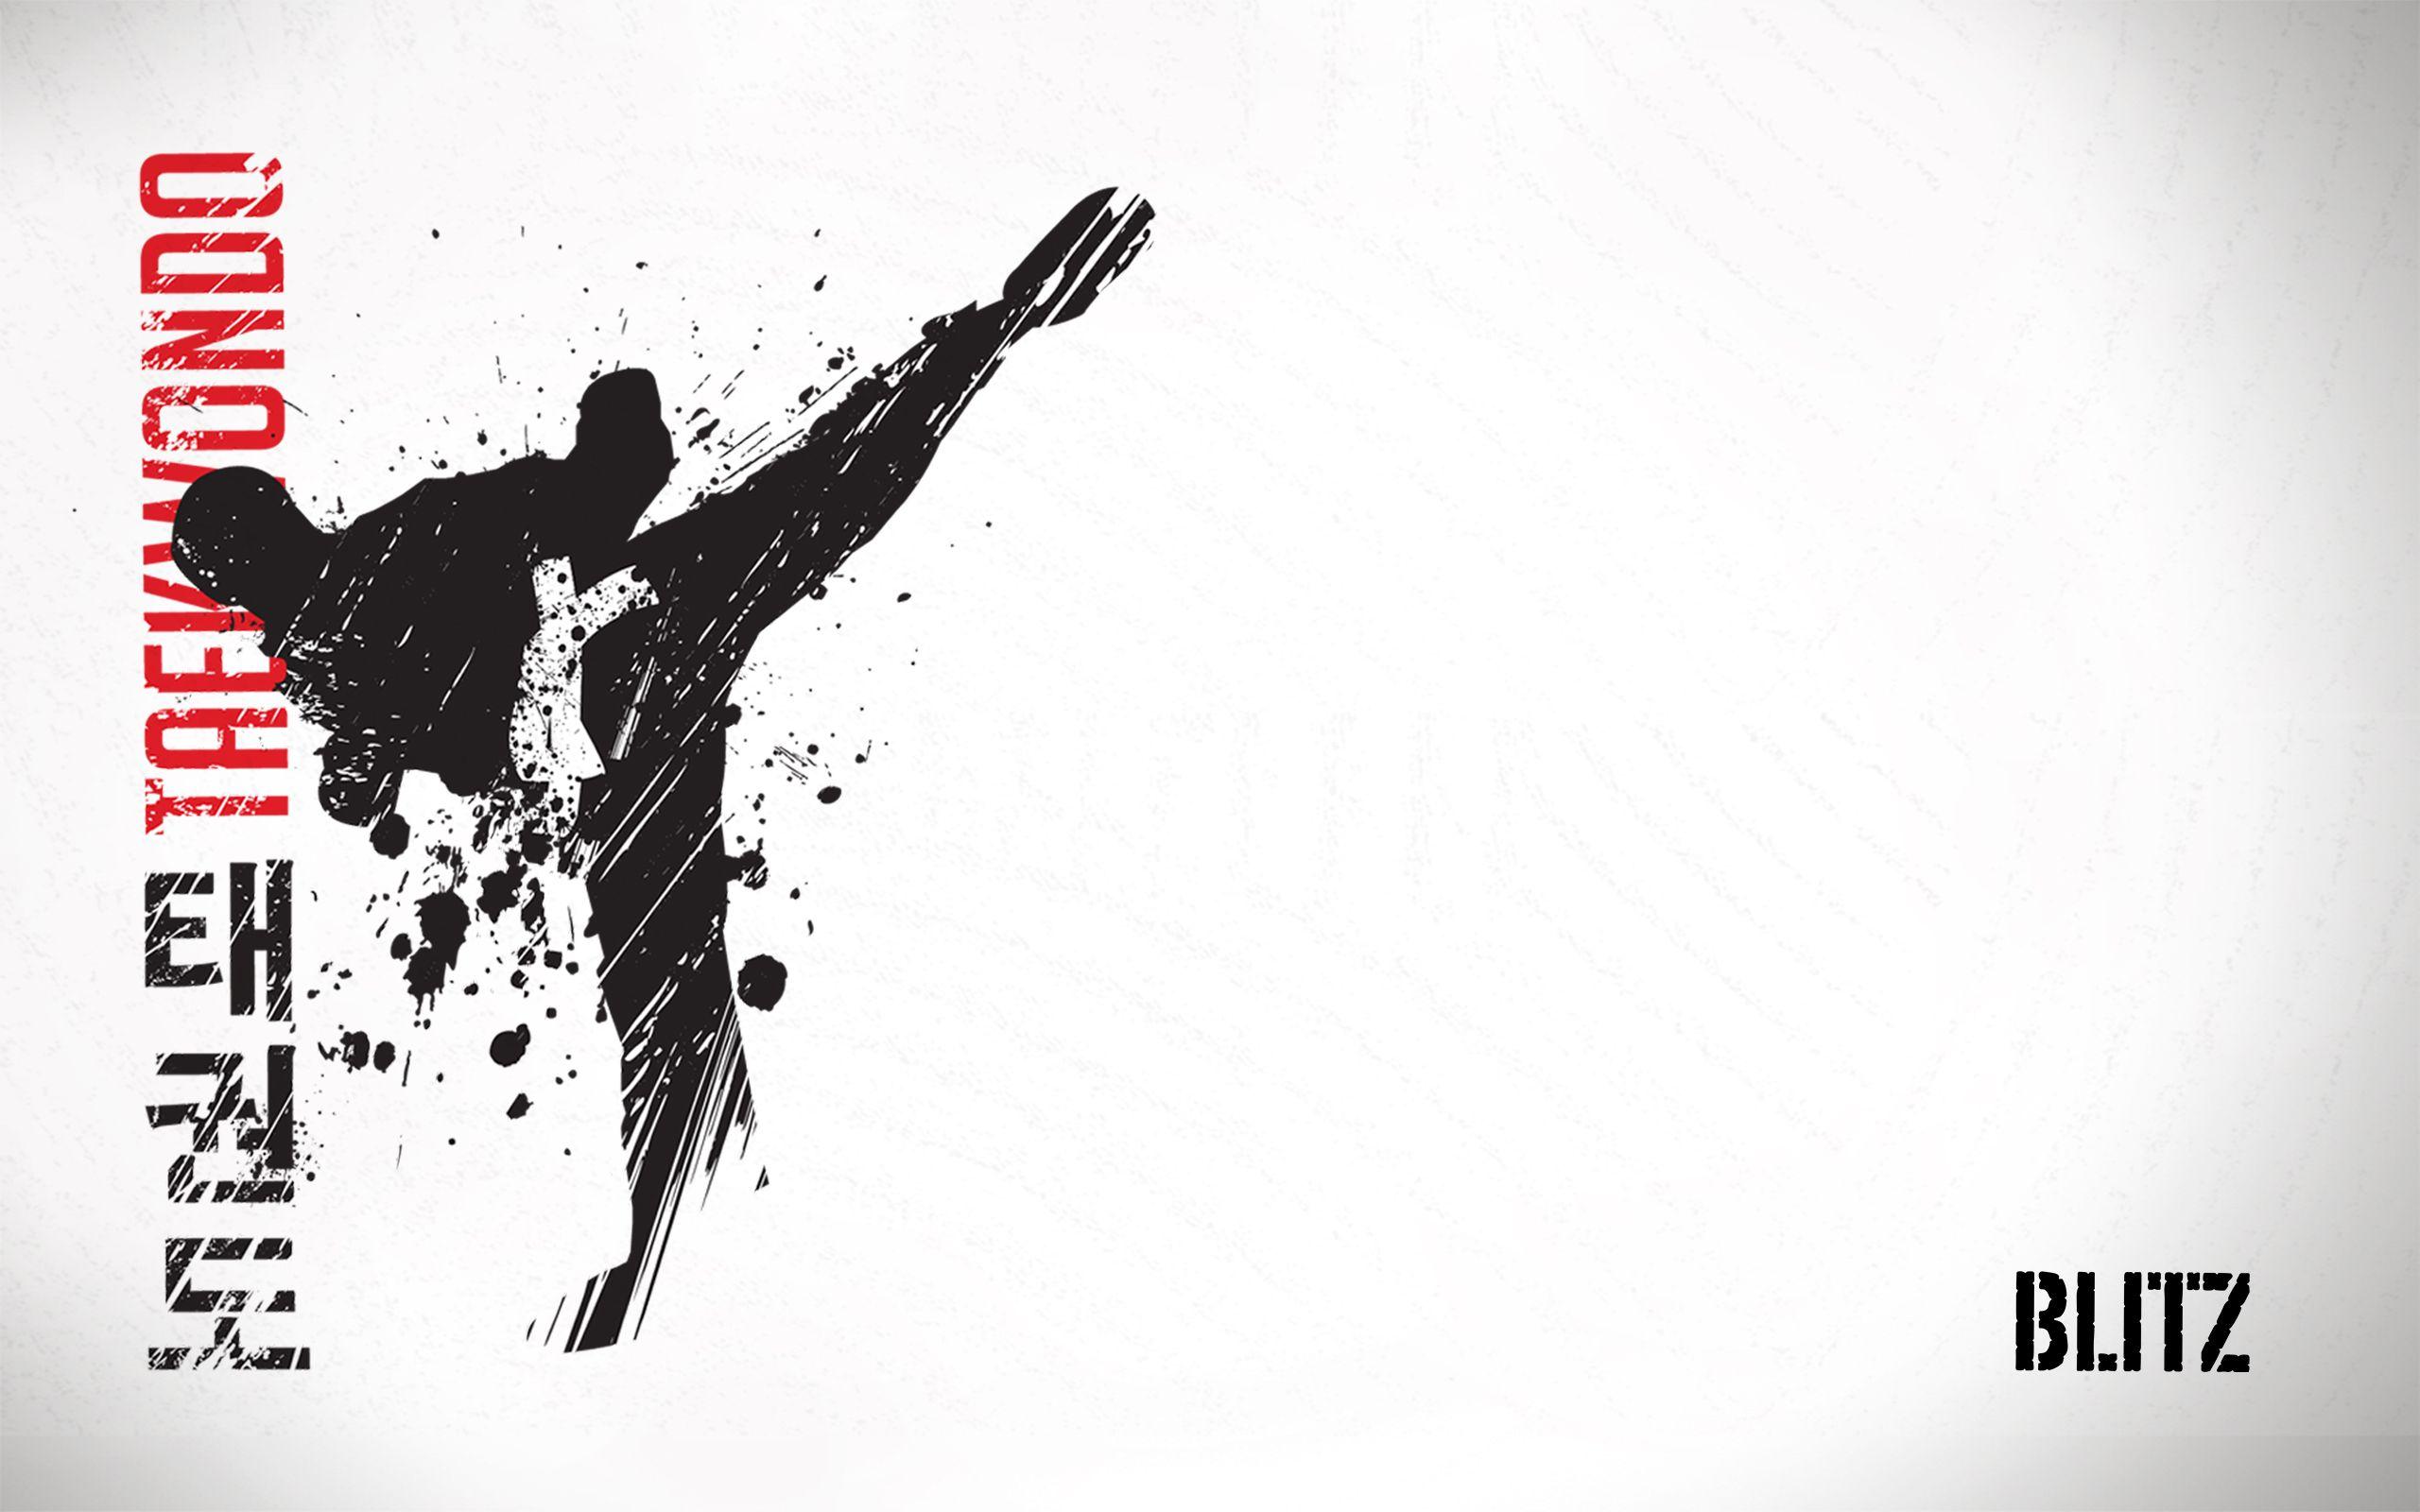 Blitz Taekwondo Wallpaper 2560 x 1600 Taekwondo Martial arts 2560x1600